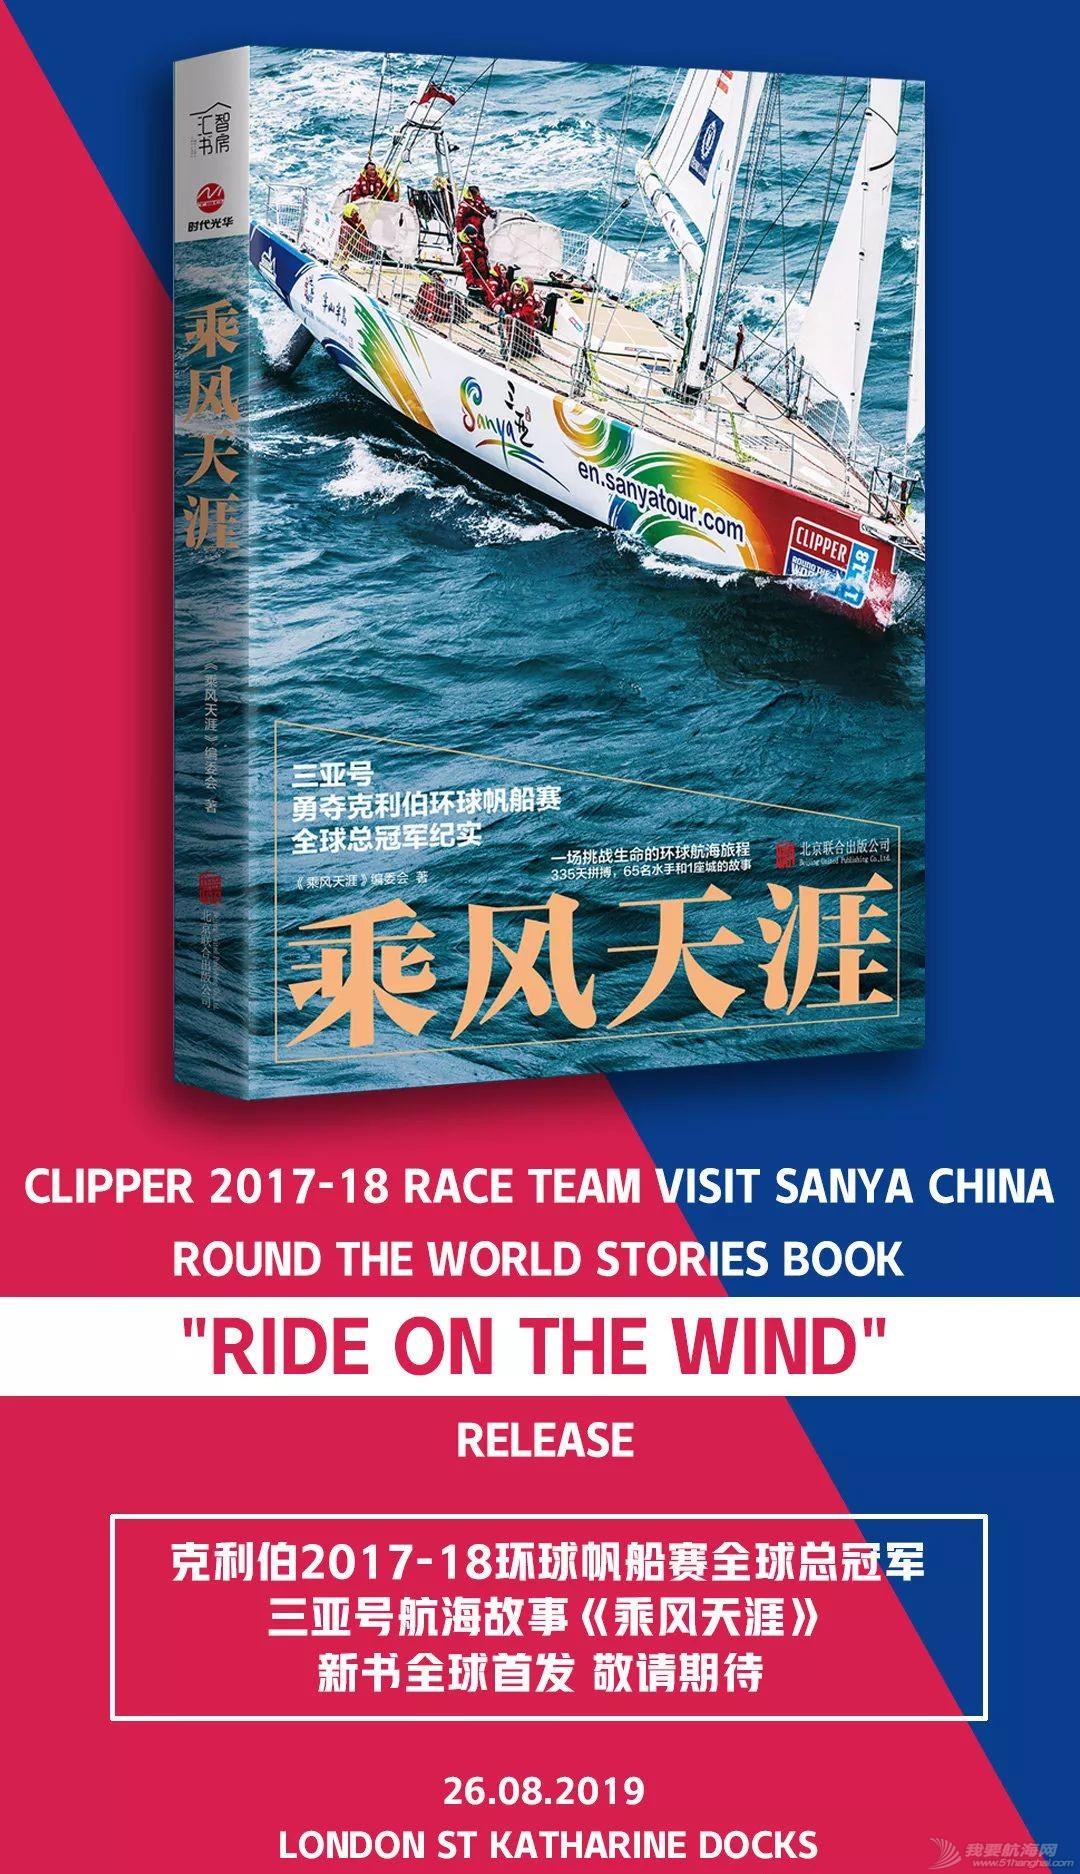 《乘风天涯》冠军三亚号主题分享会将在珠海举行w19.jpg